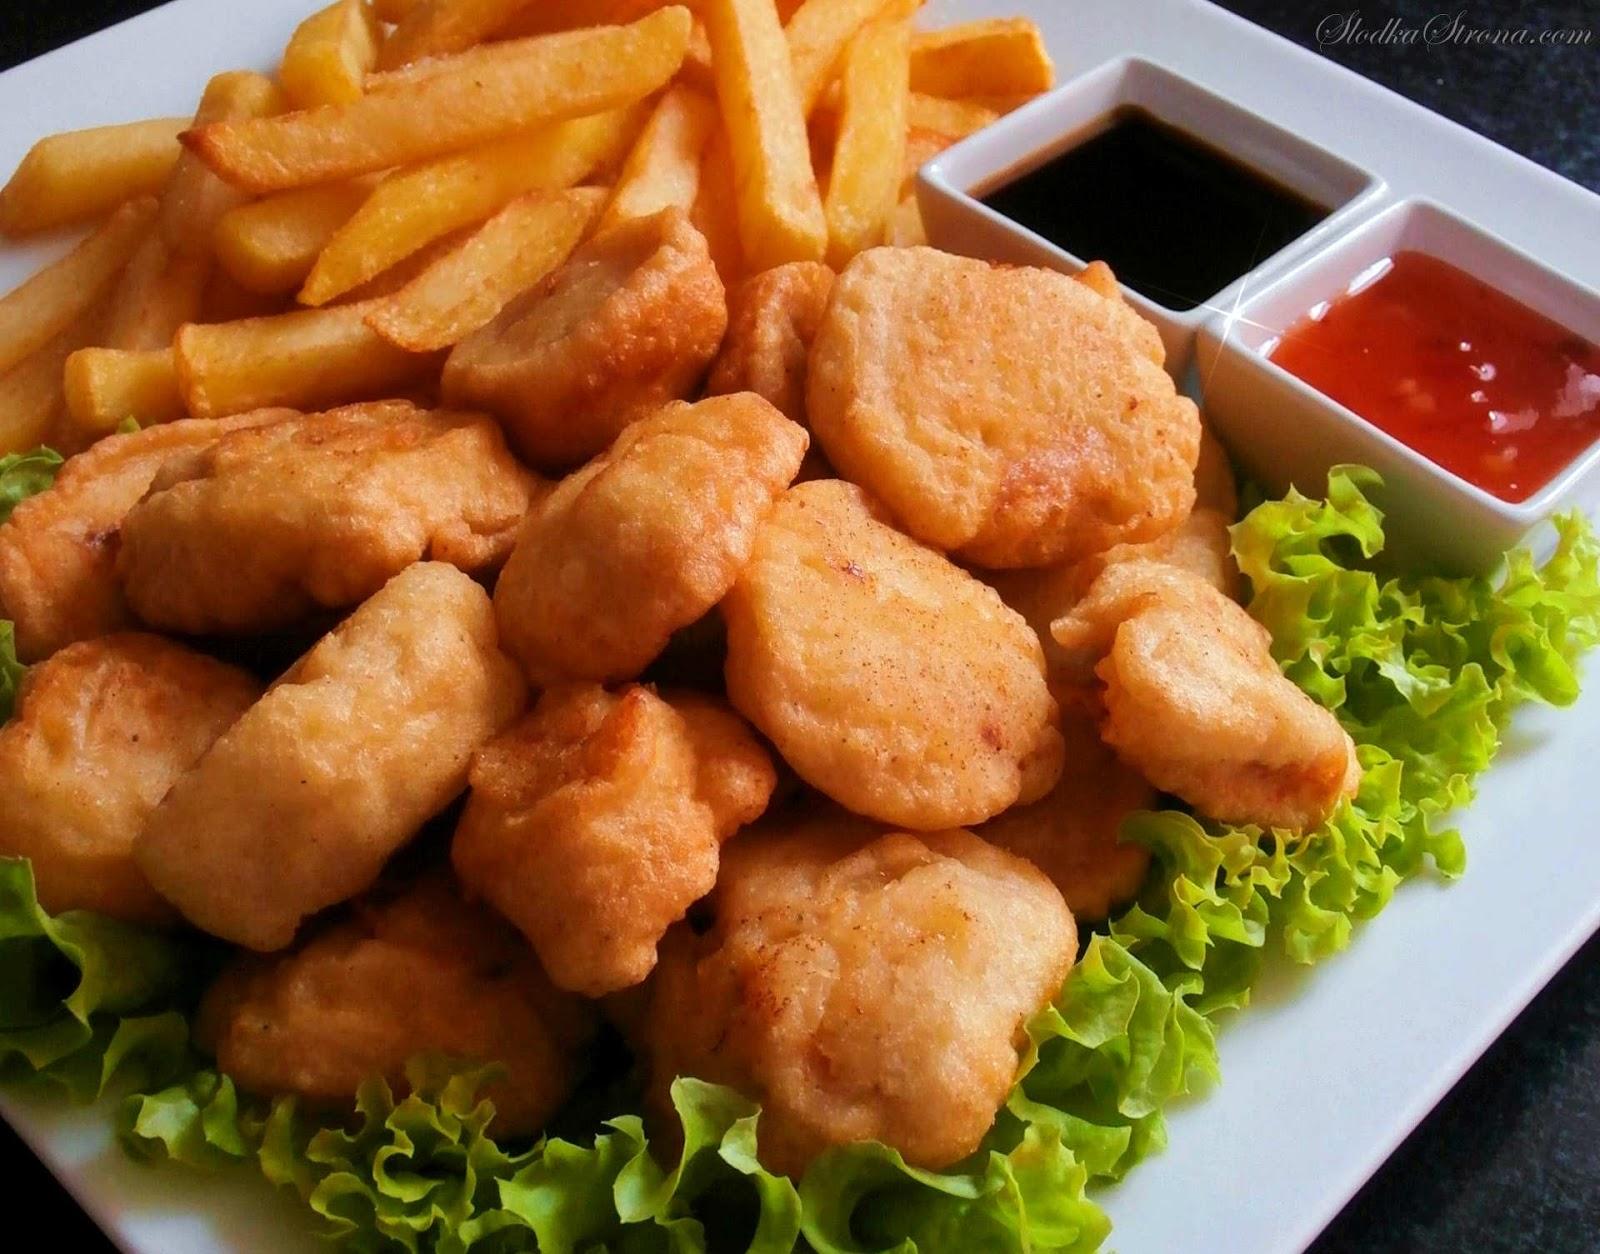 kurczak w ciescie na kwadratowym talerzy z ziemniakami , salata strzepiasta sosem sojowym i slodkokwasnym